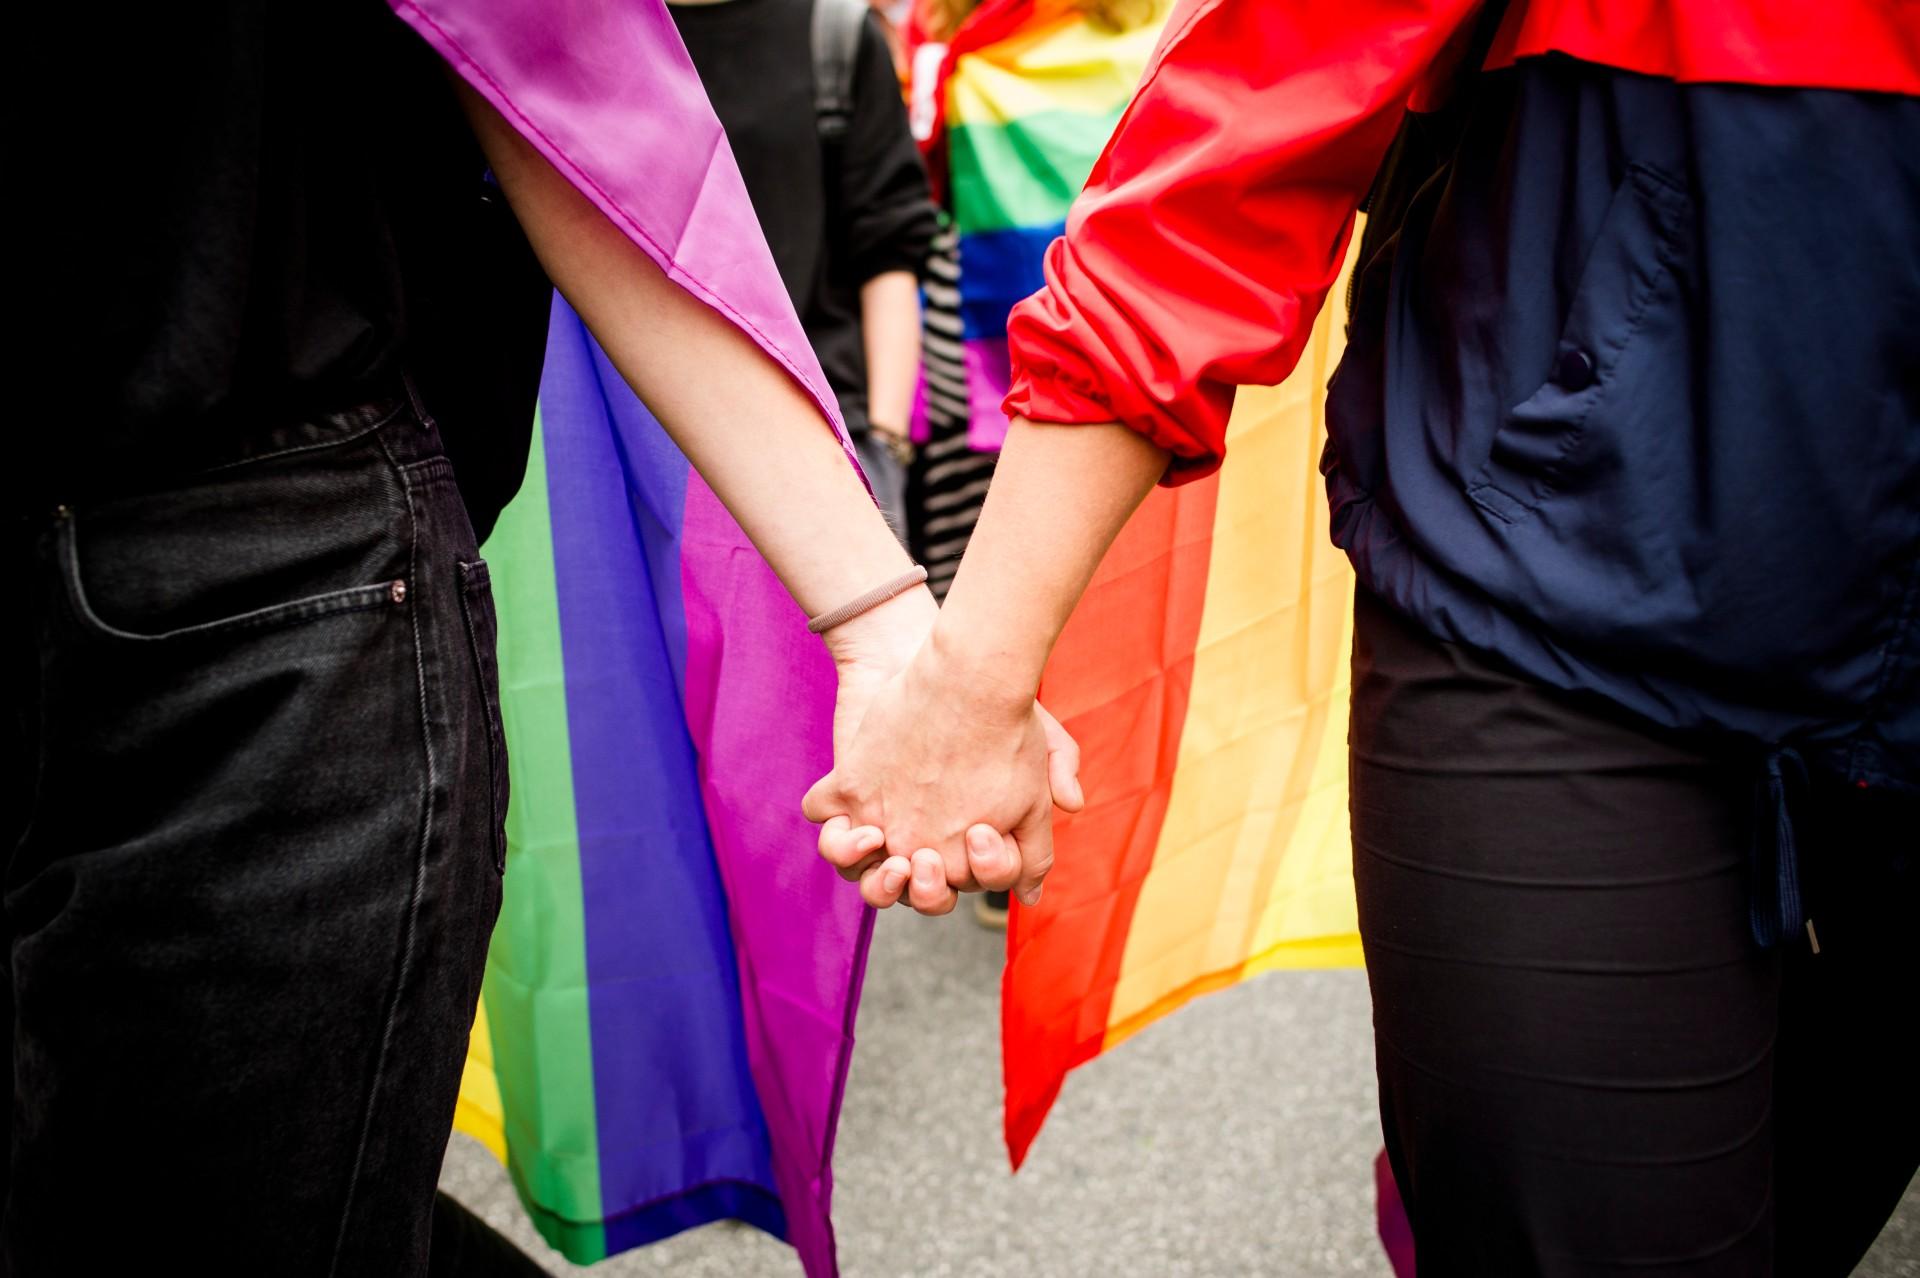 GUS dopuści małżeństwa jednopłciowe wspisie powszechnym. Alenadal nieuznaje istnienia osób transpłciowych